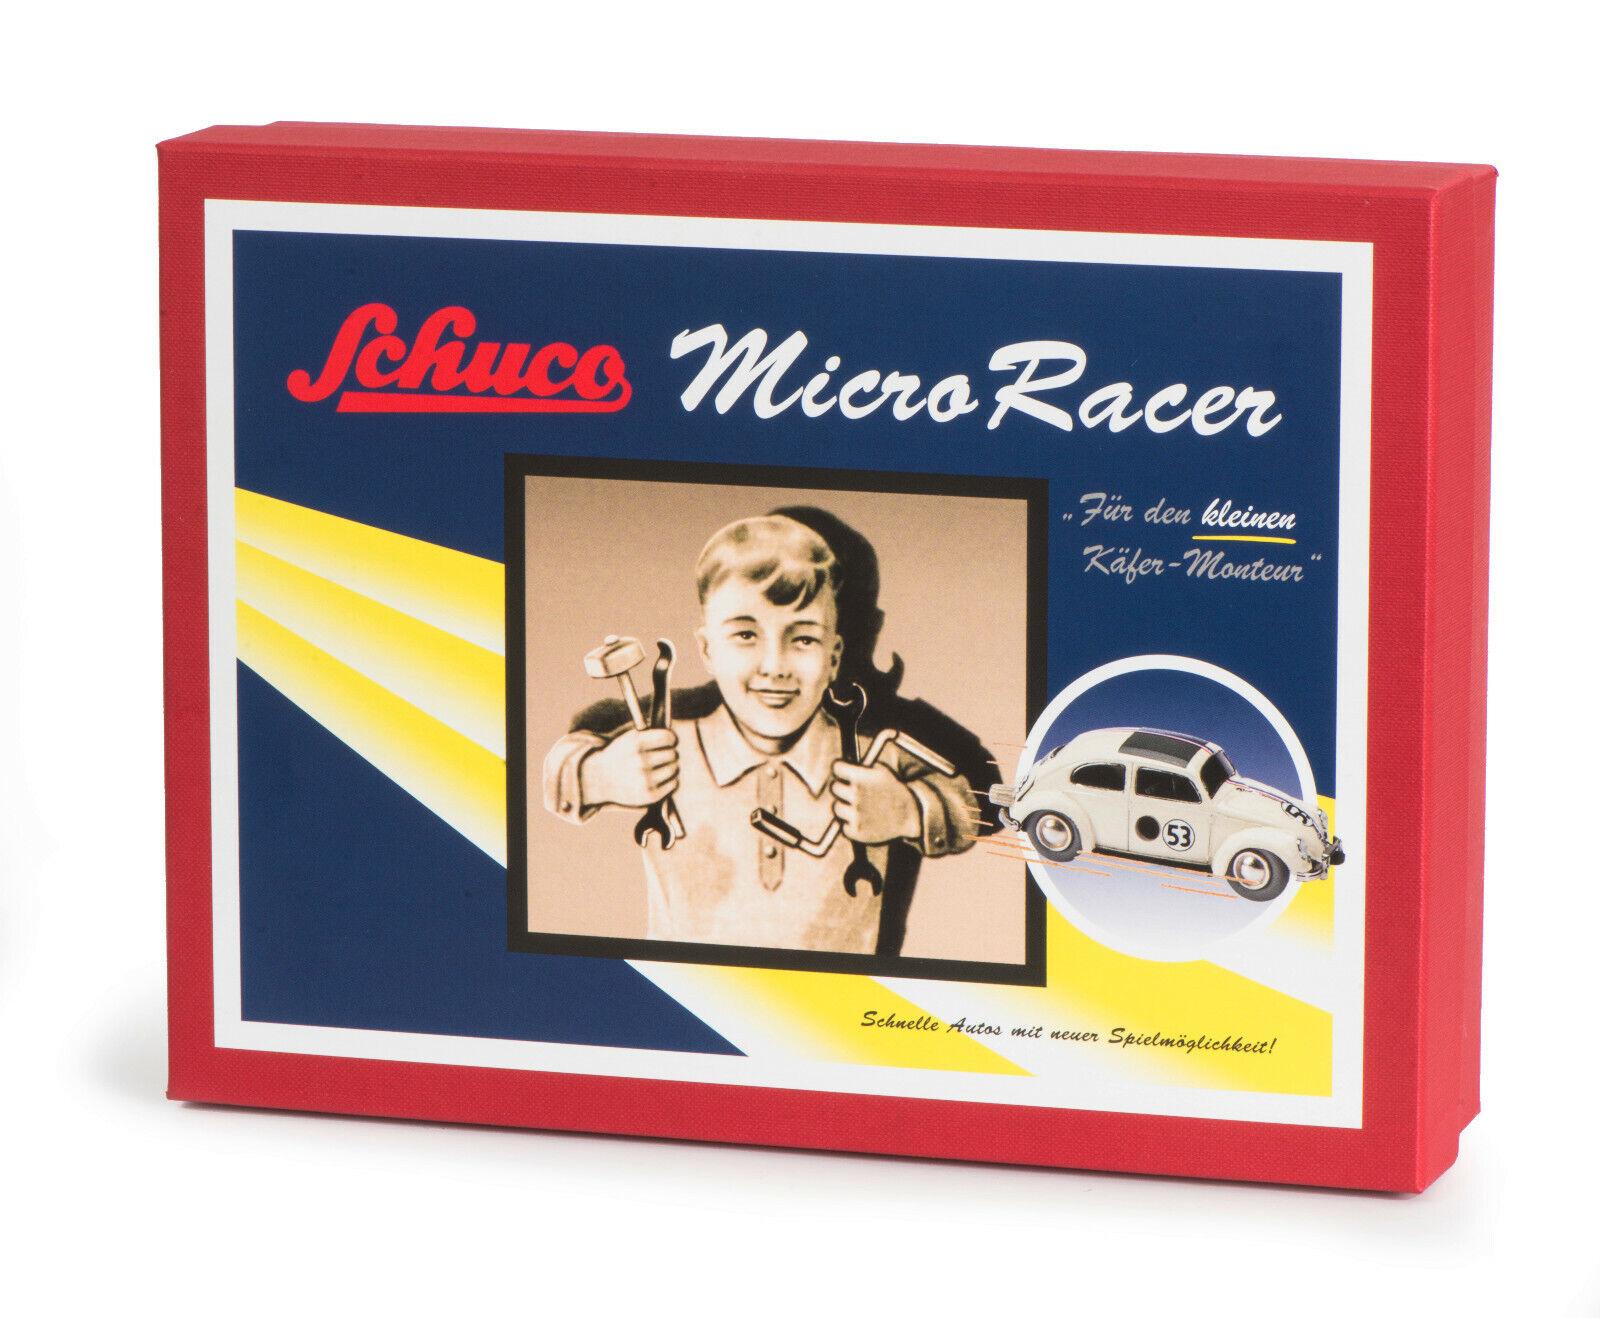 Schuco 450177300 montaggio Micro Racer VW Maggiolino 53 NUOVO OVP